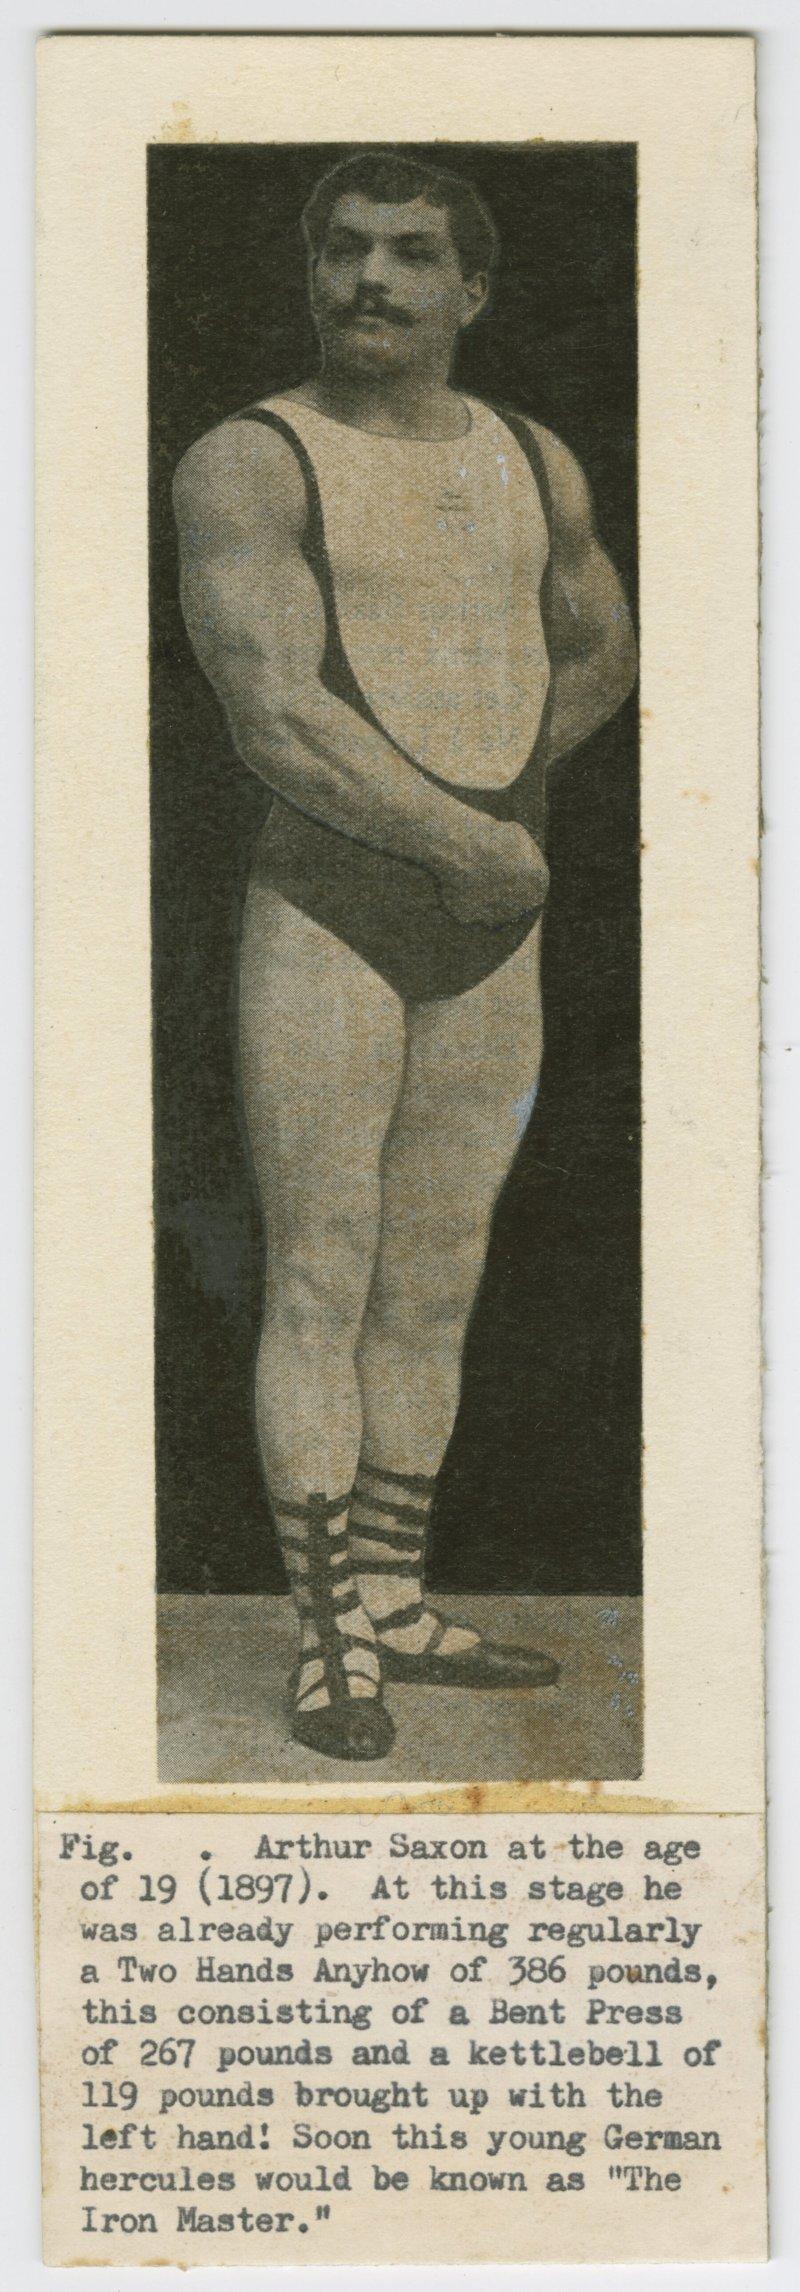 Arthur Saxon portrait in stage dress